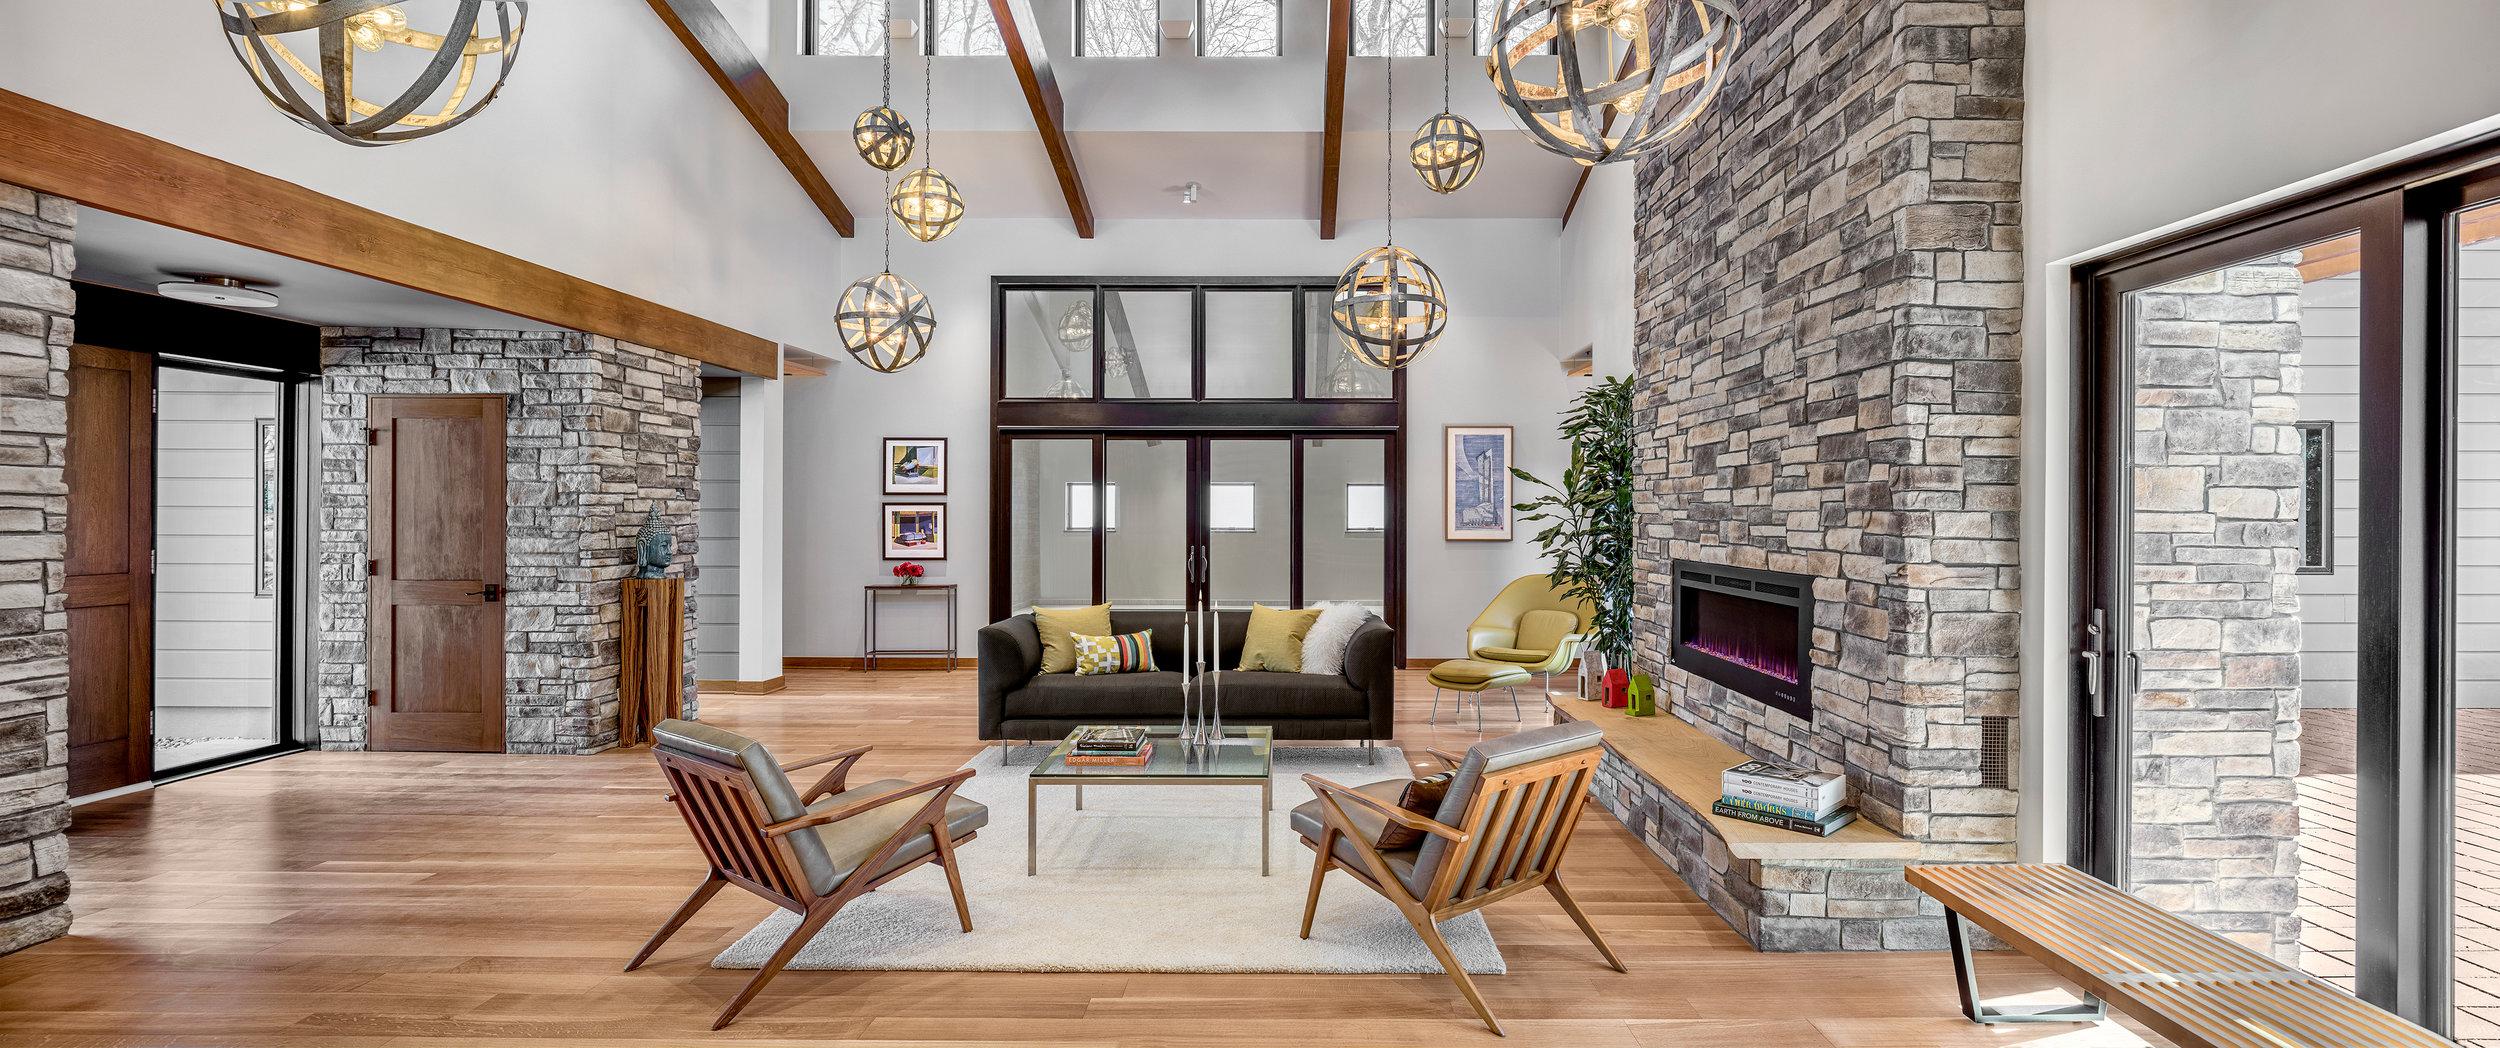 LEED Platinum Home in Evanston